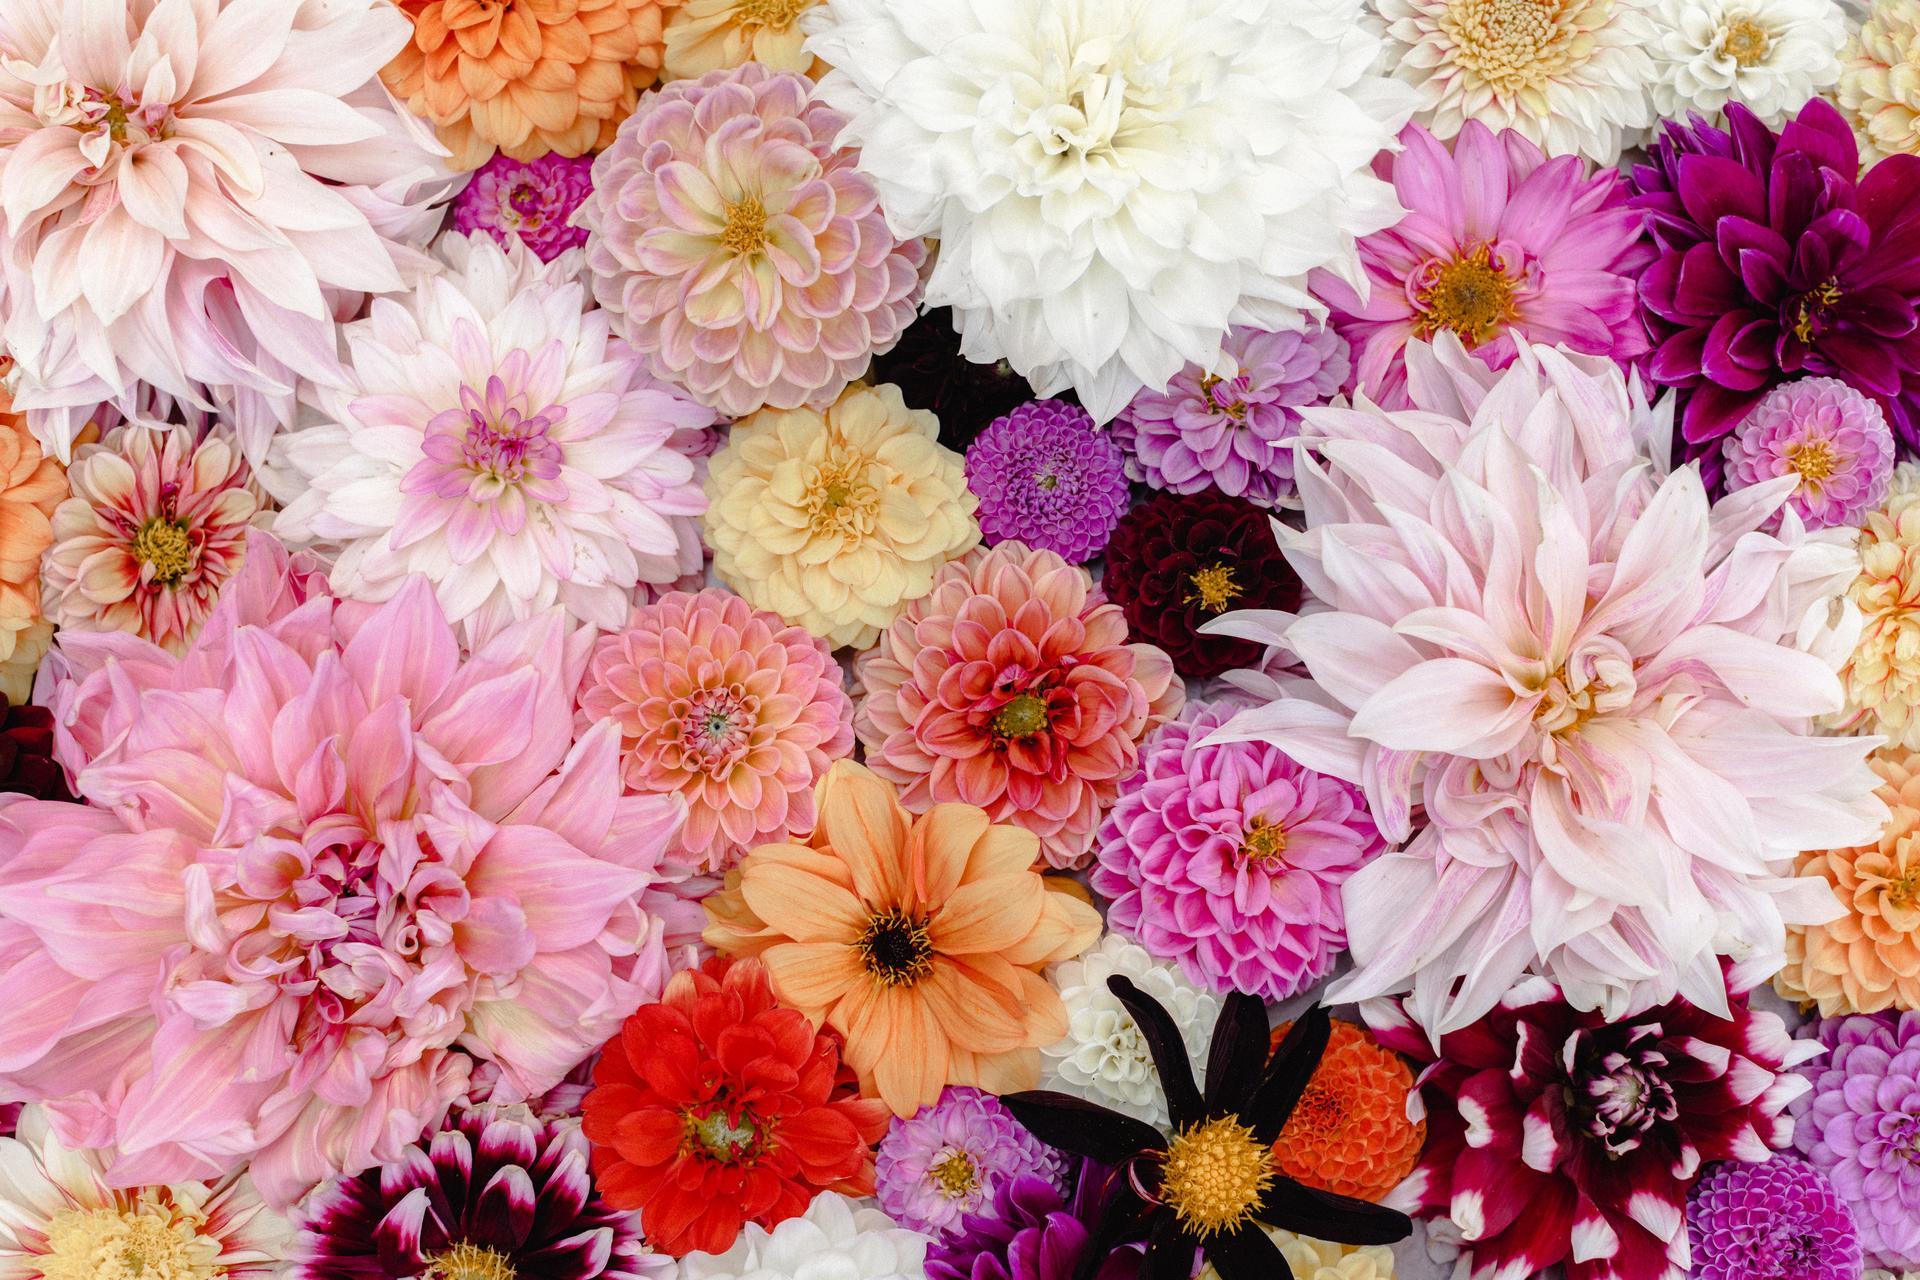 Kvetove dekoracie - Obrázok č. 15